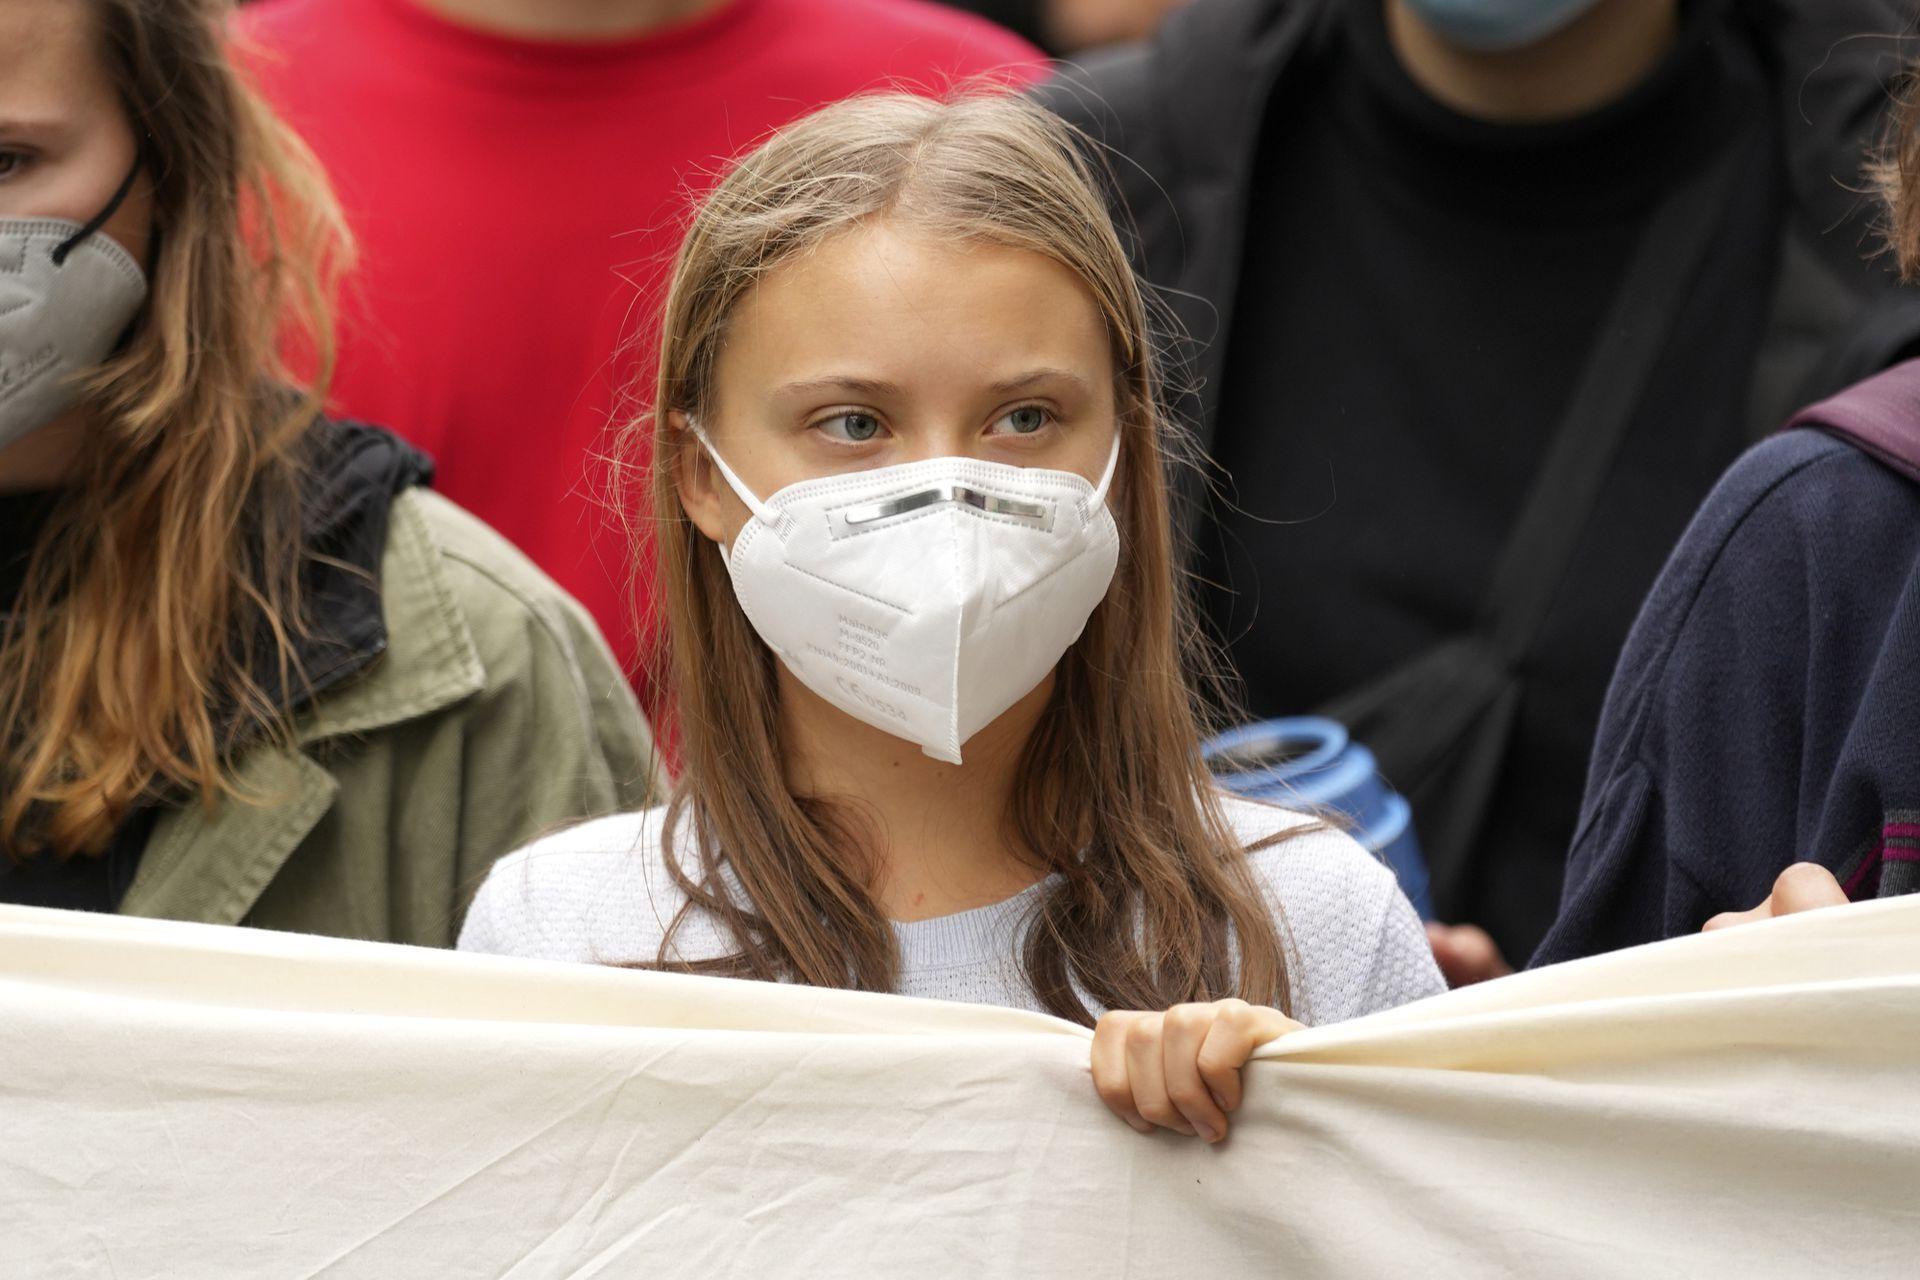 Greta Thunberg en la huelga climática global Fridays for Future en Berlín, Alemania, el viernes 24 de septiembre de 2021